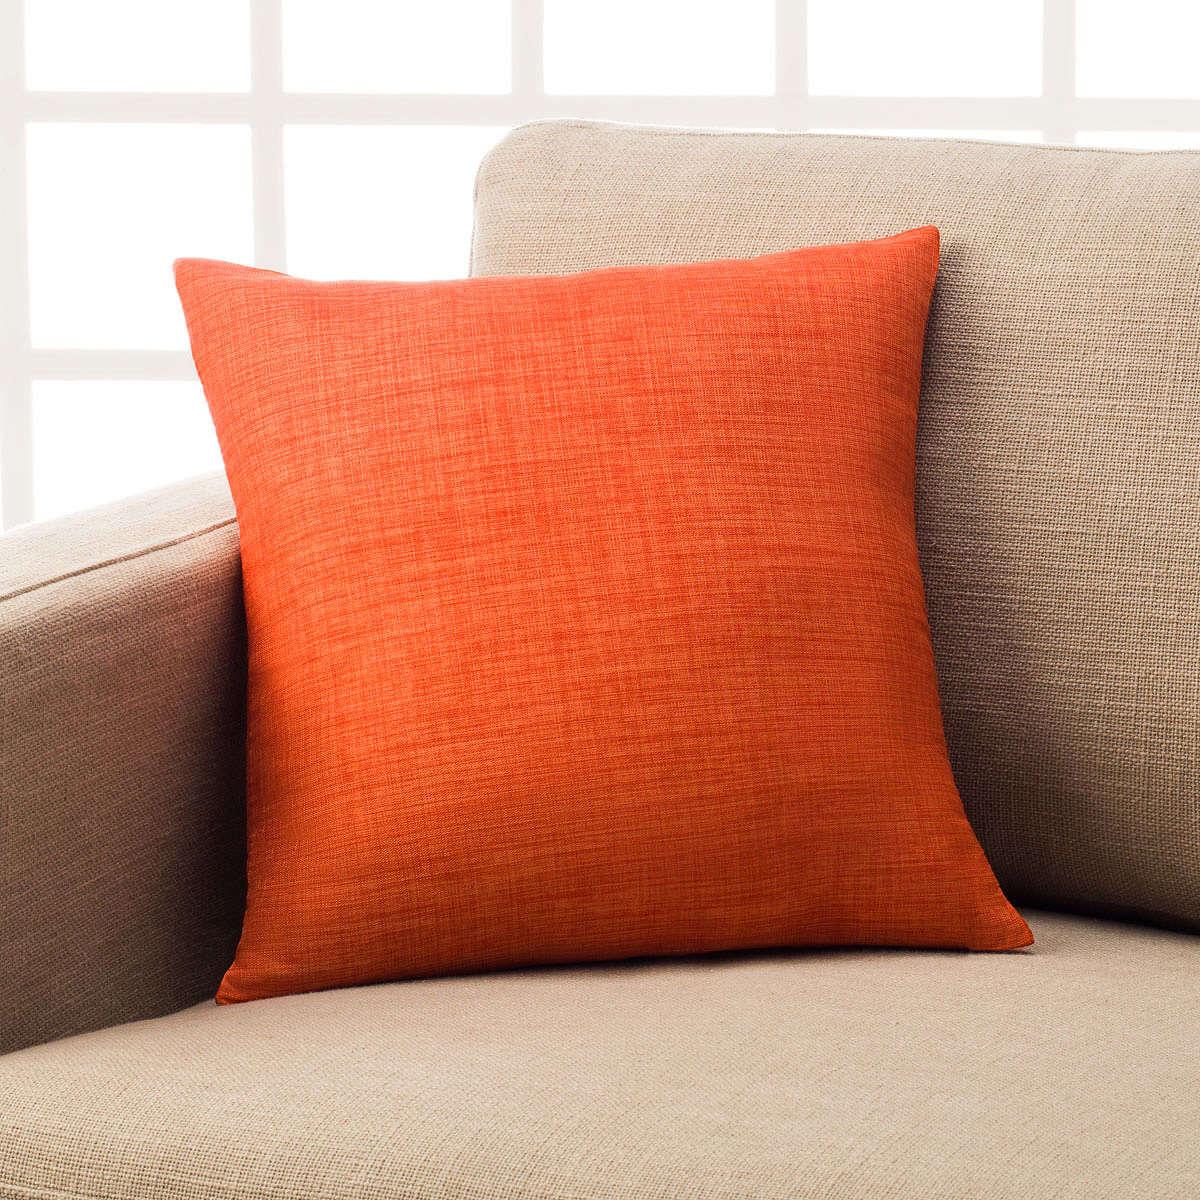 Μαξιλαροθήκη Διακοσμητική Chrome Orange 930B/03 Gofis Home 45X45 100% Polyester